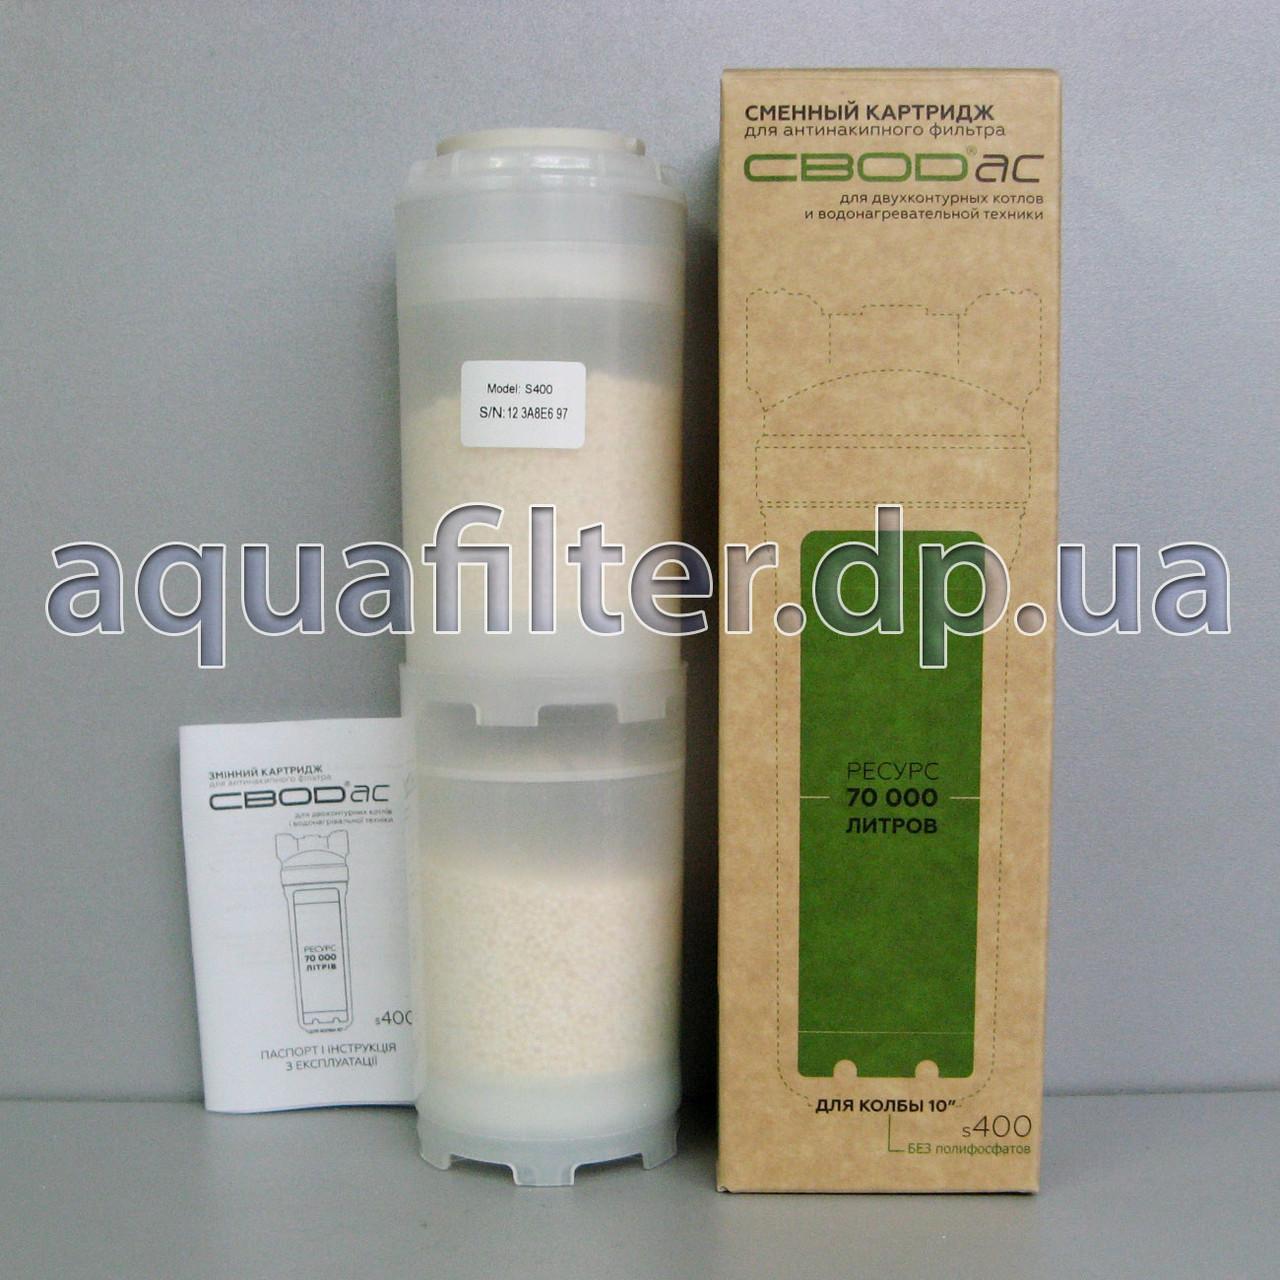 Картридж для умягчения воды СВОД-АС S400